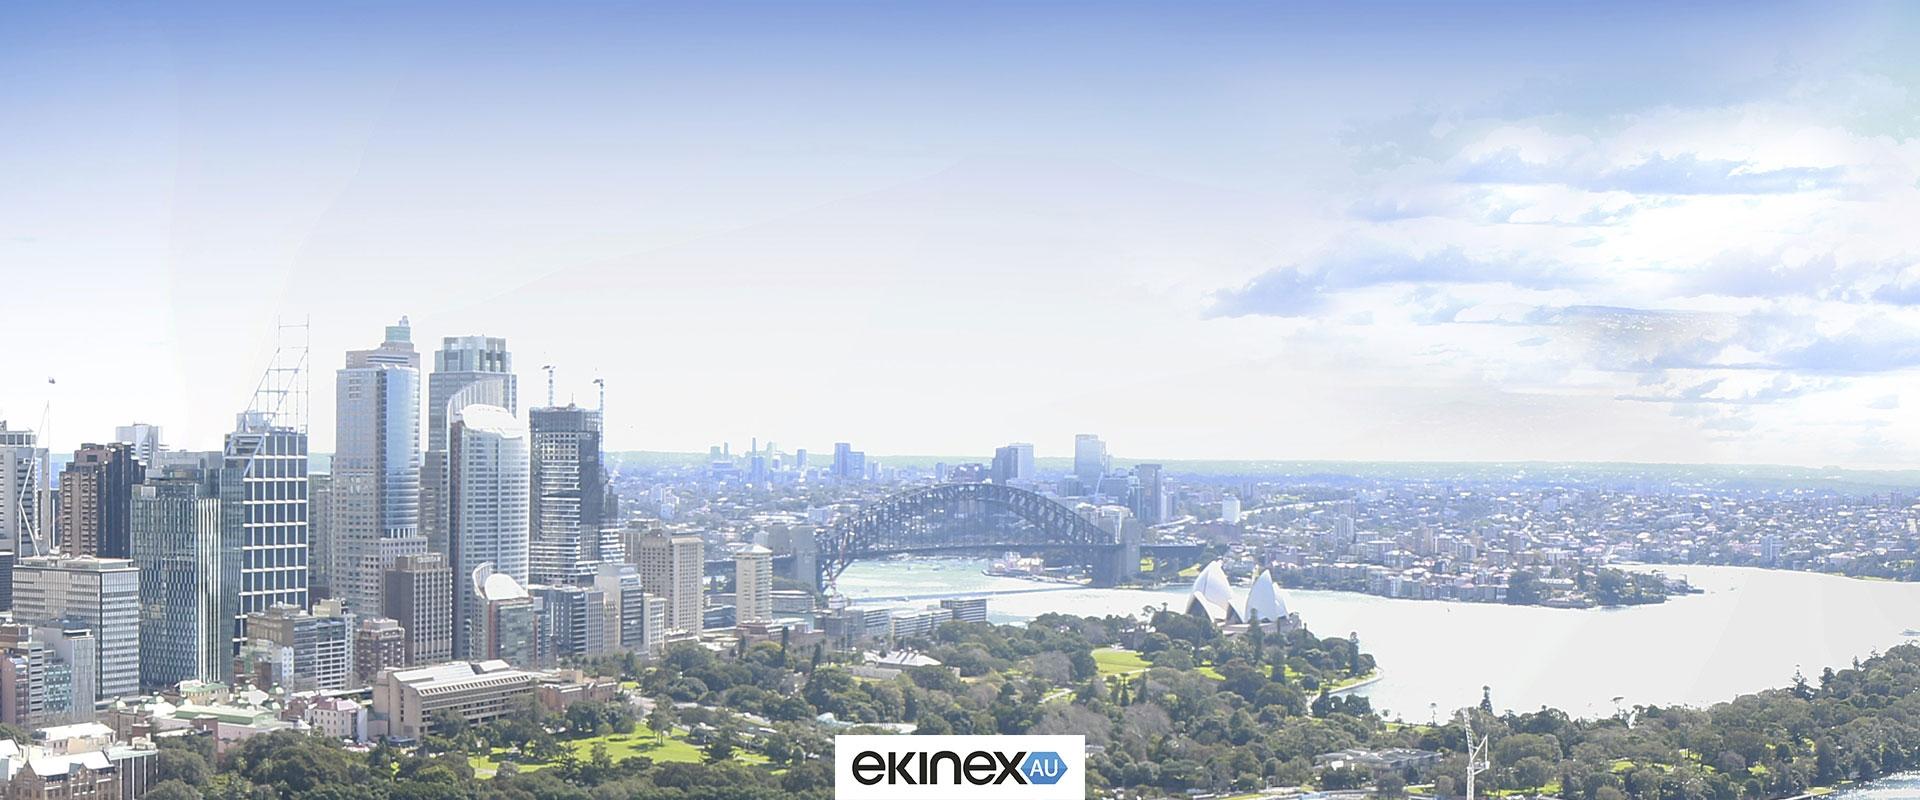 Siamo lieti di annunciare l'apertura della nostra nuova filiale a Sydney